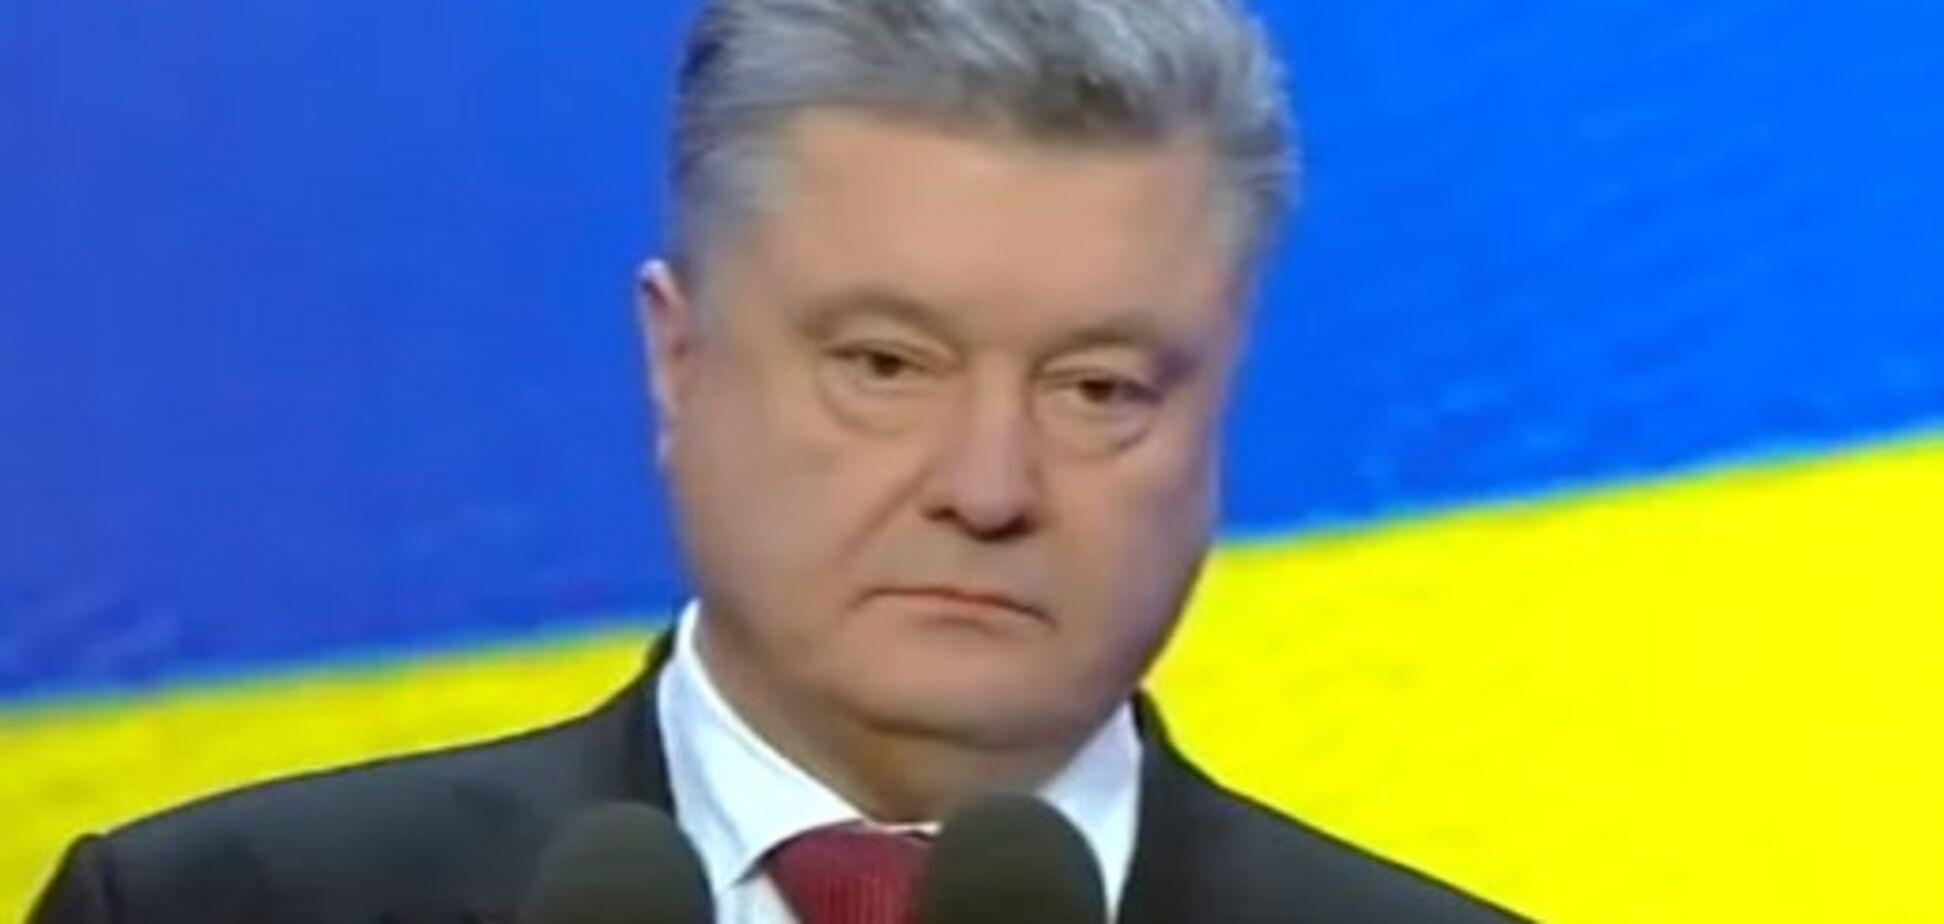 Украина в ЕС и НАТО: Порошенко предложил внести изменения в Конституцию